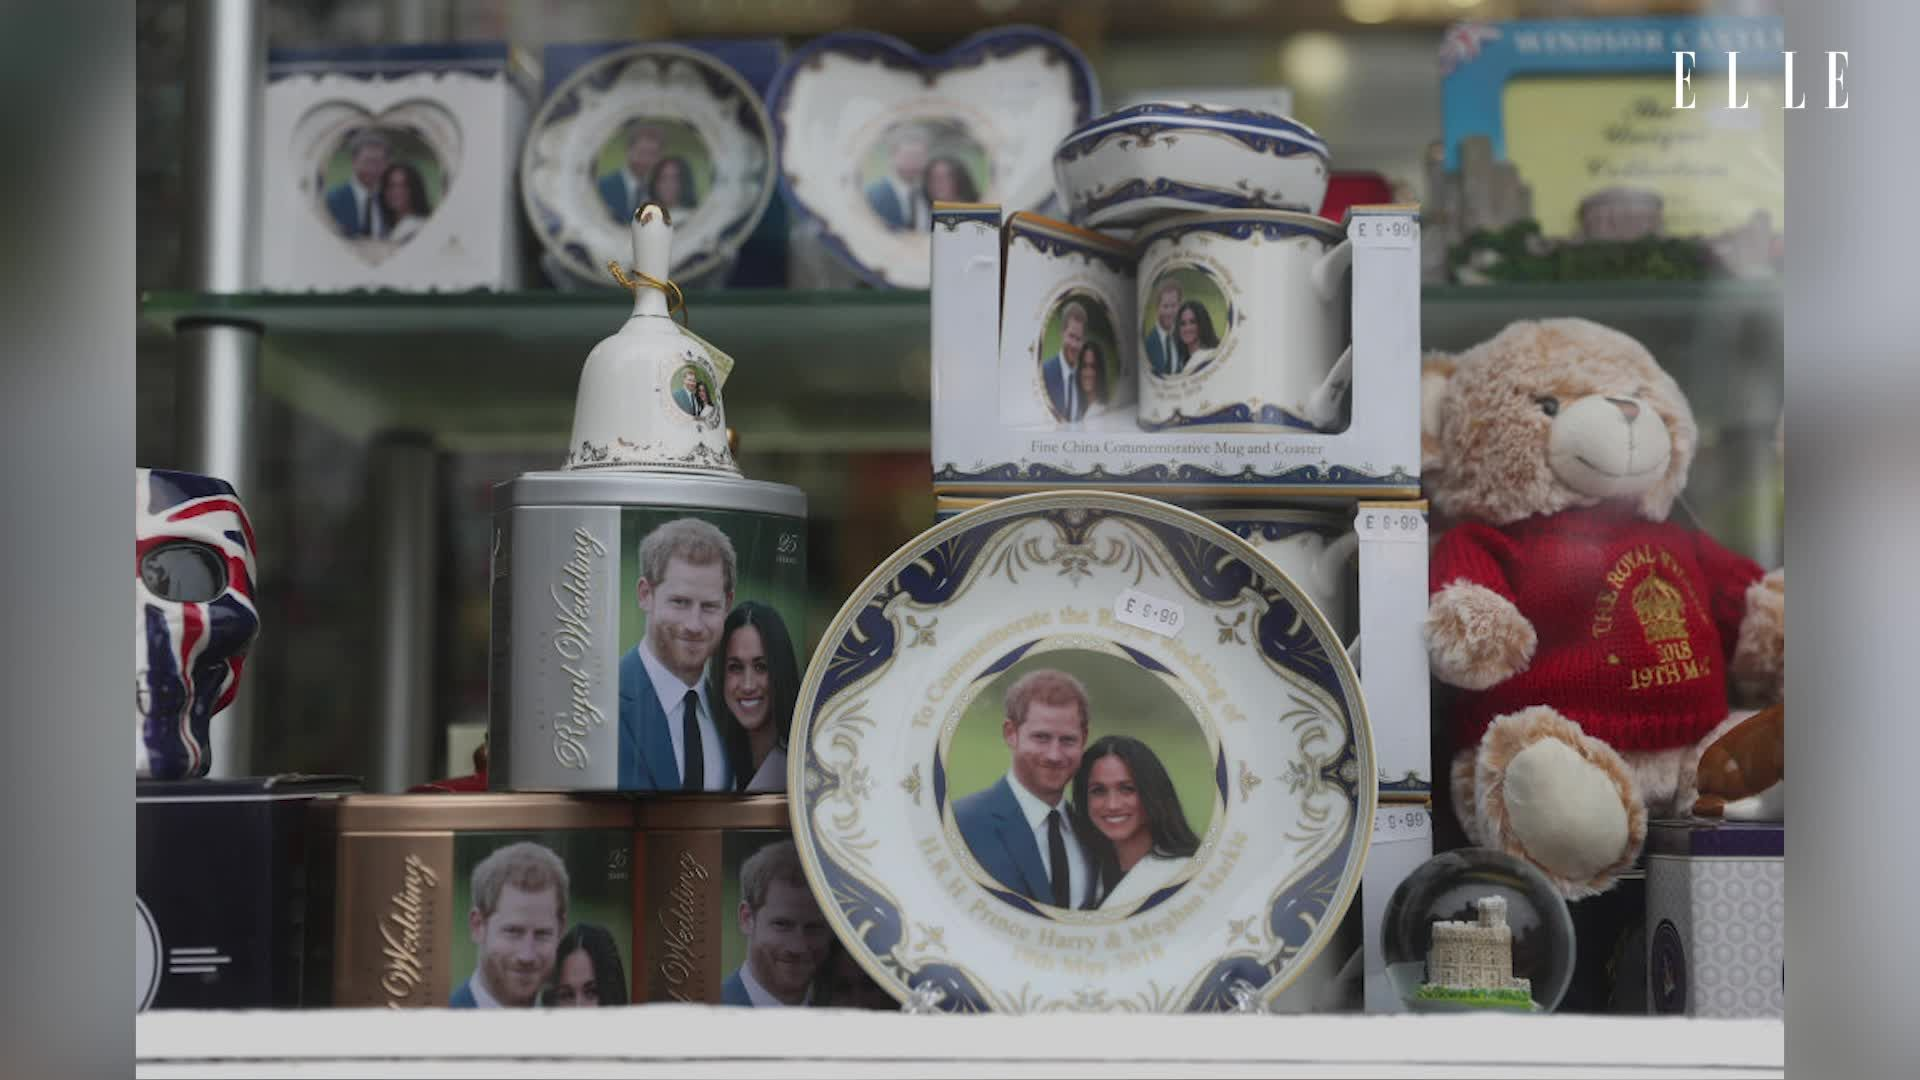 C'era una volta un sì... Il matrimonio di Harry e Meghan in un podcast esclusivo